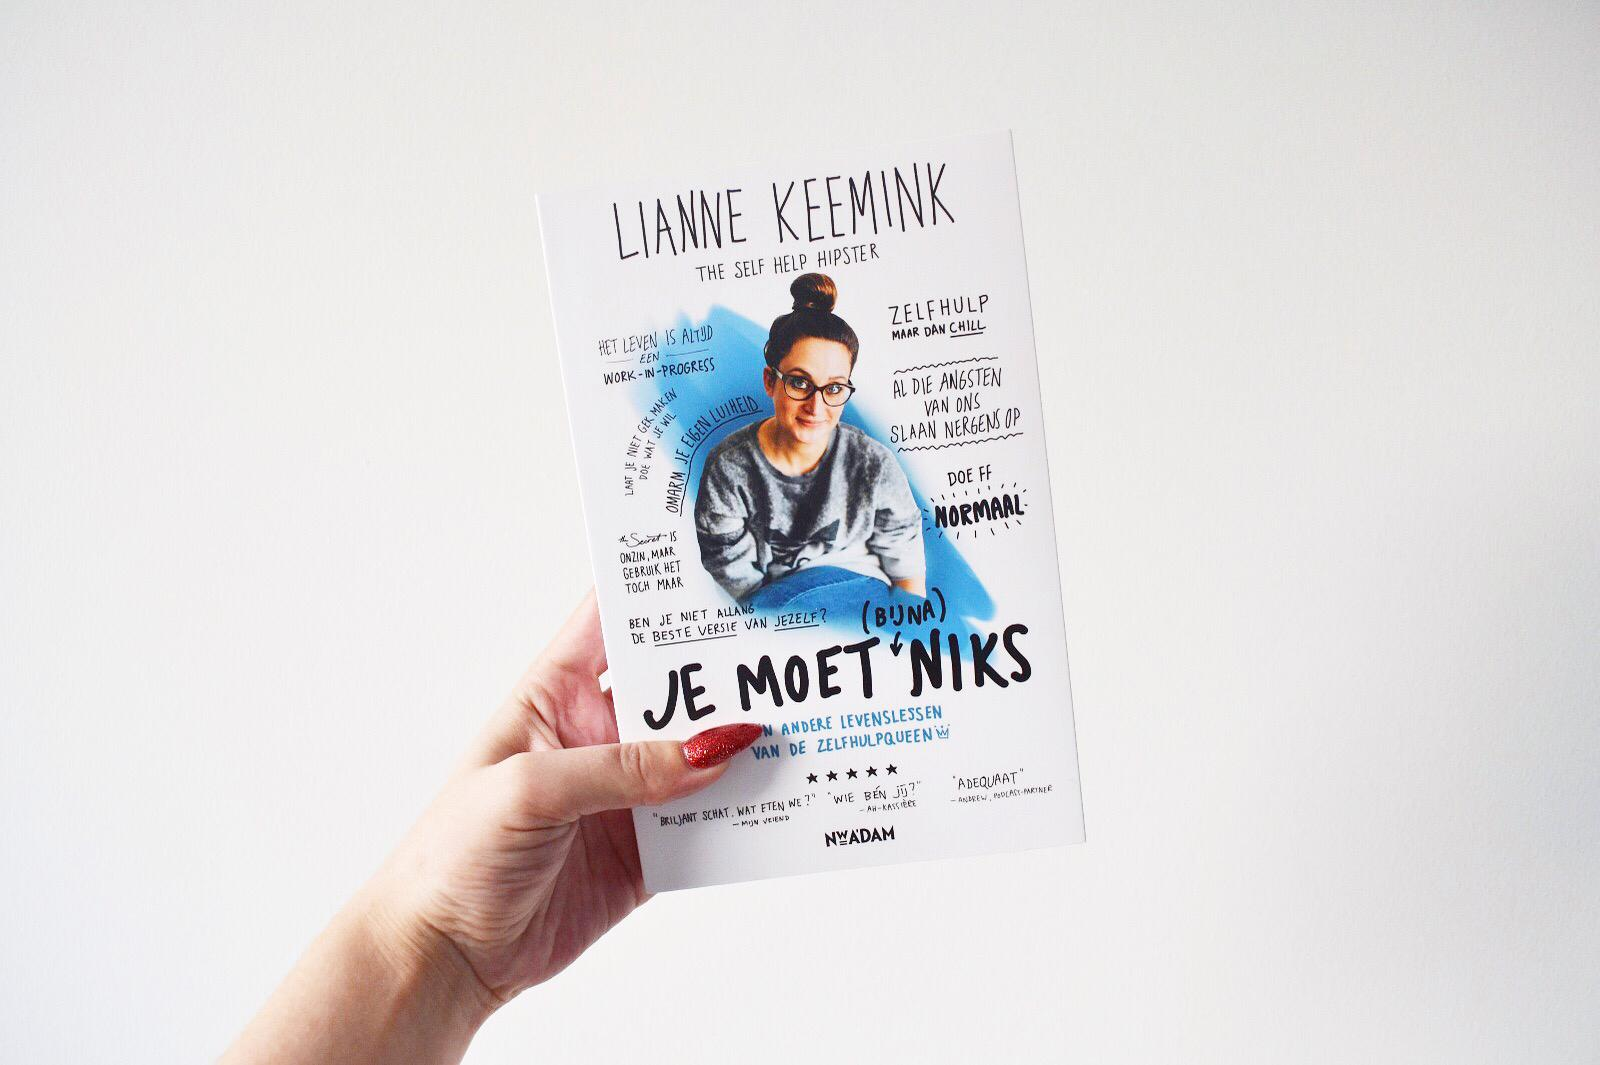 Lianne Keemink - Je moet (bijna) niks